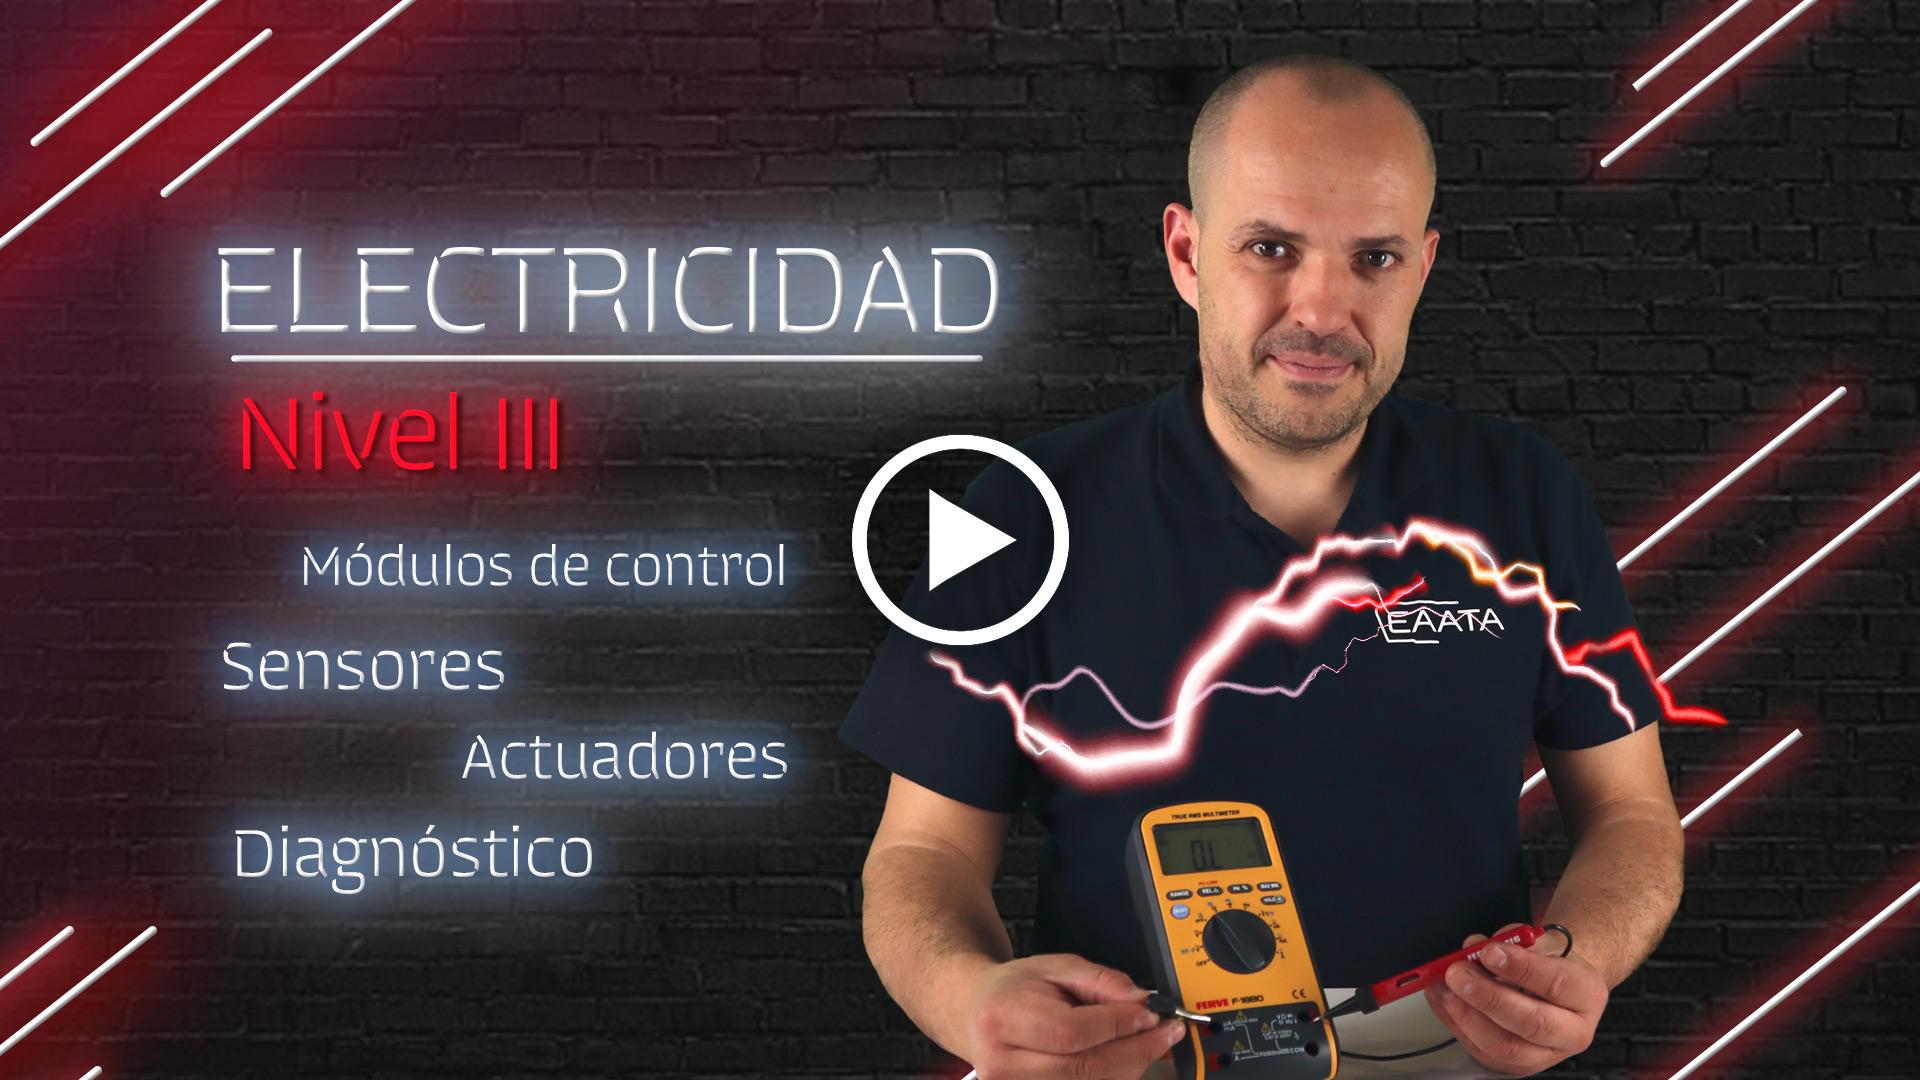 miniatura-electricidad_nivel-III_play